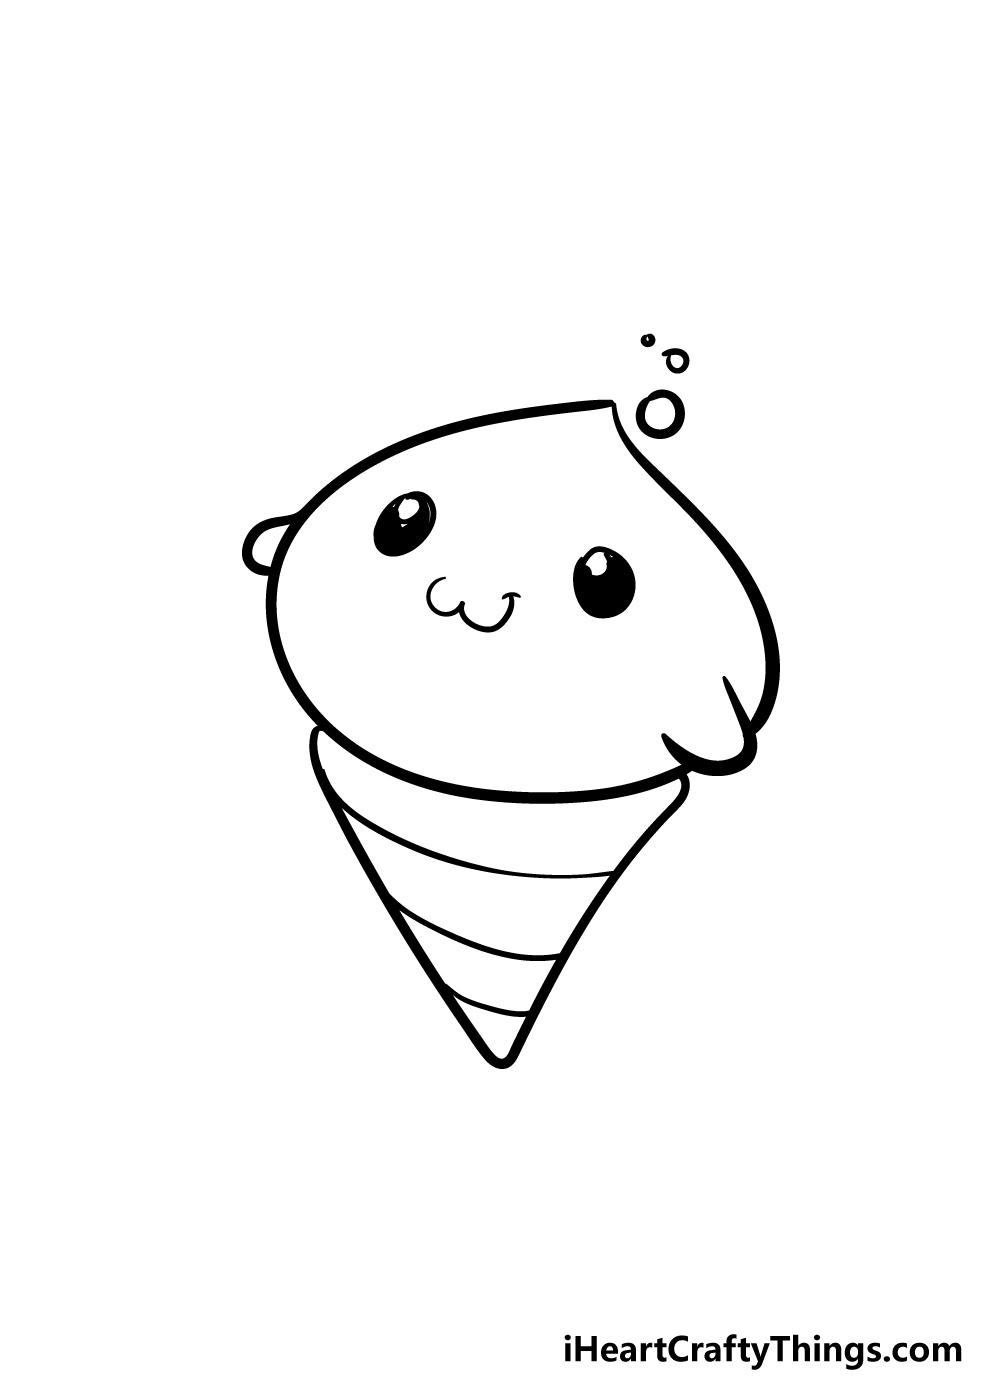 cute things drawing step 6